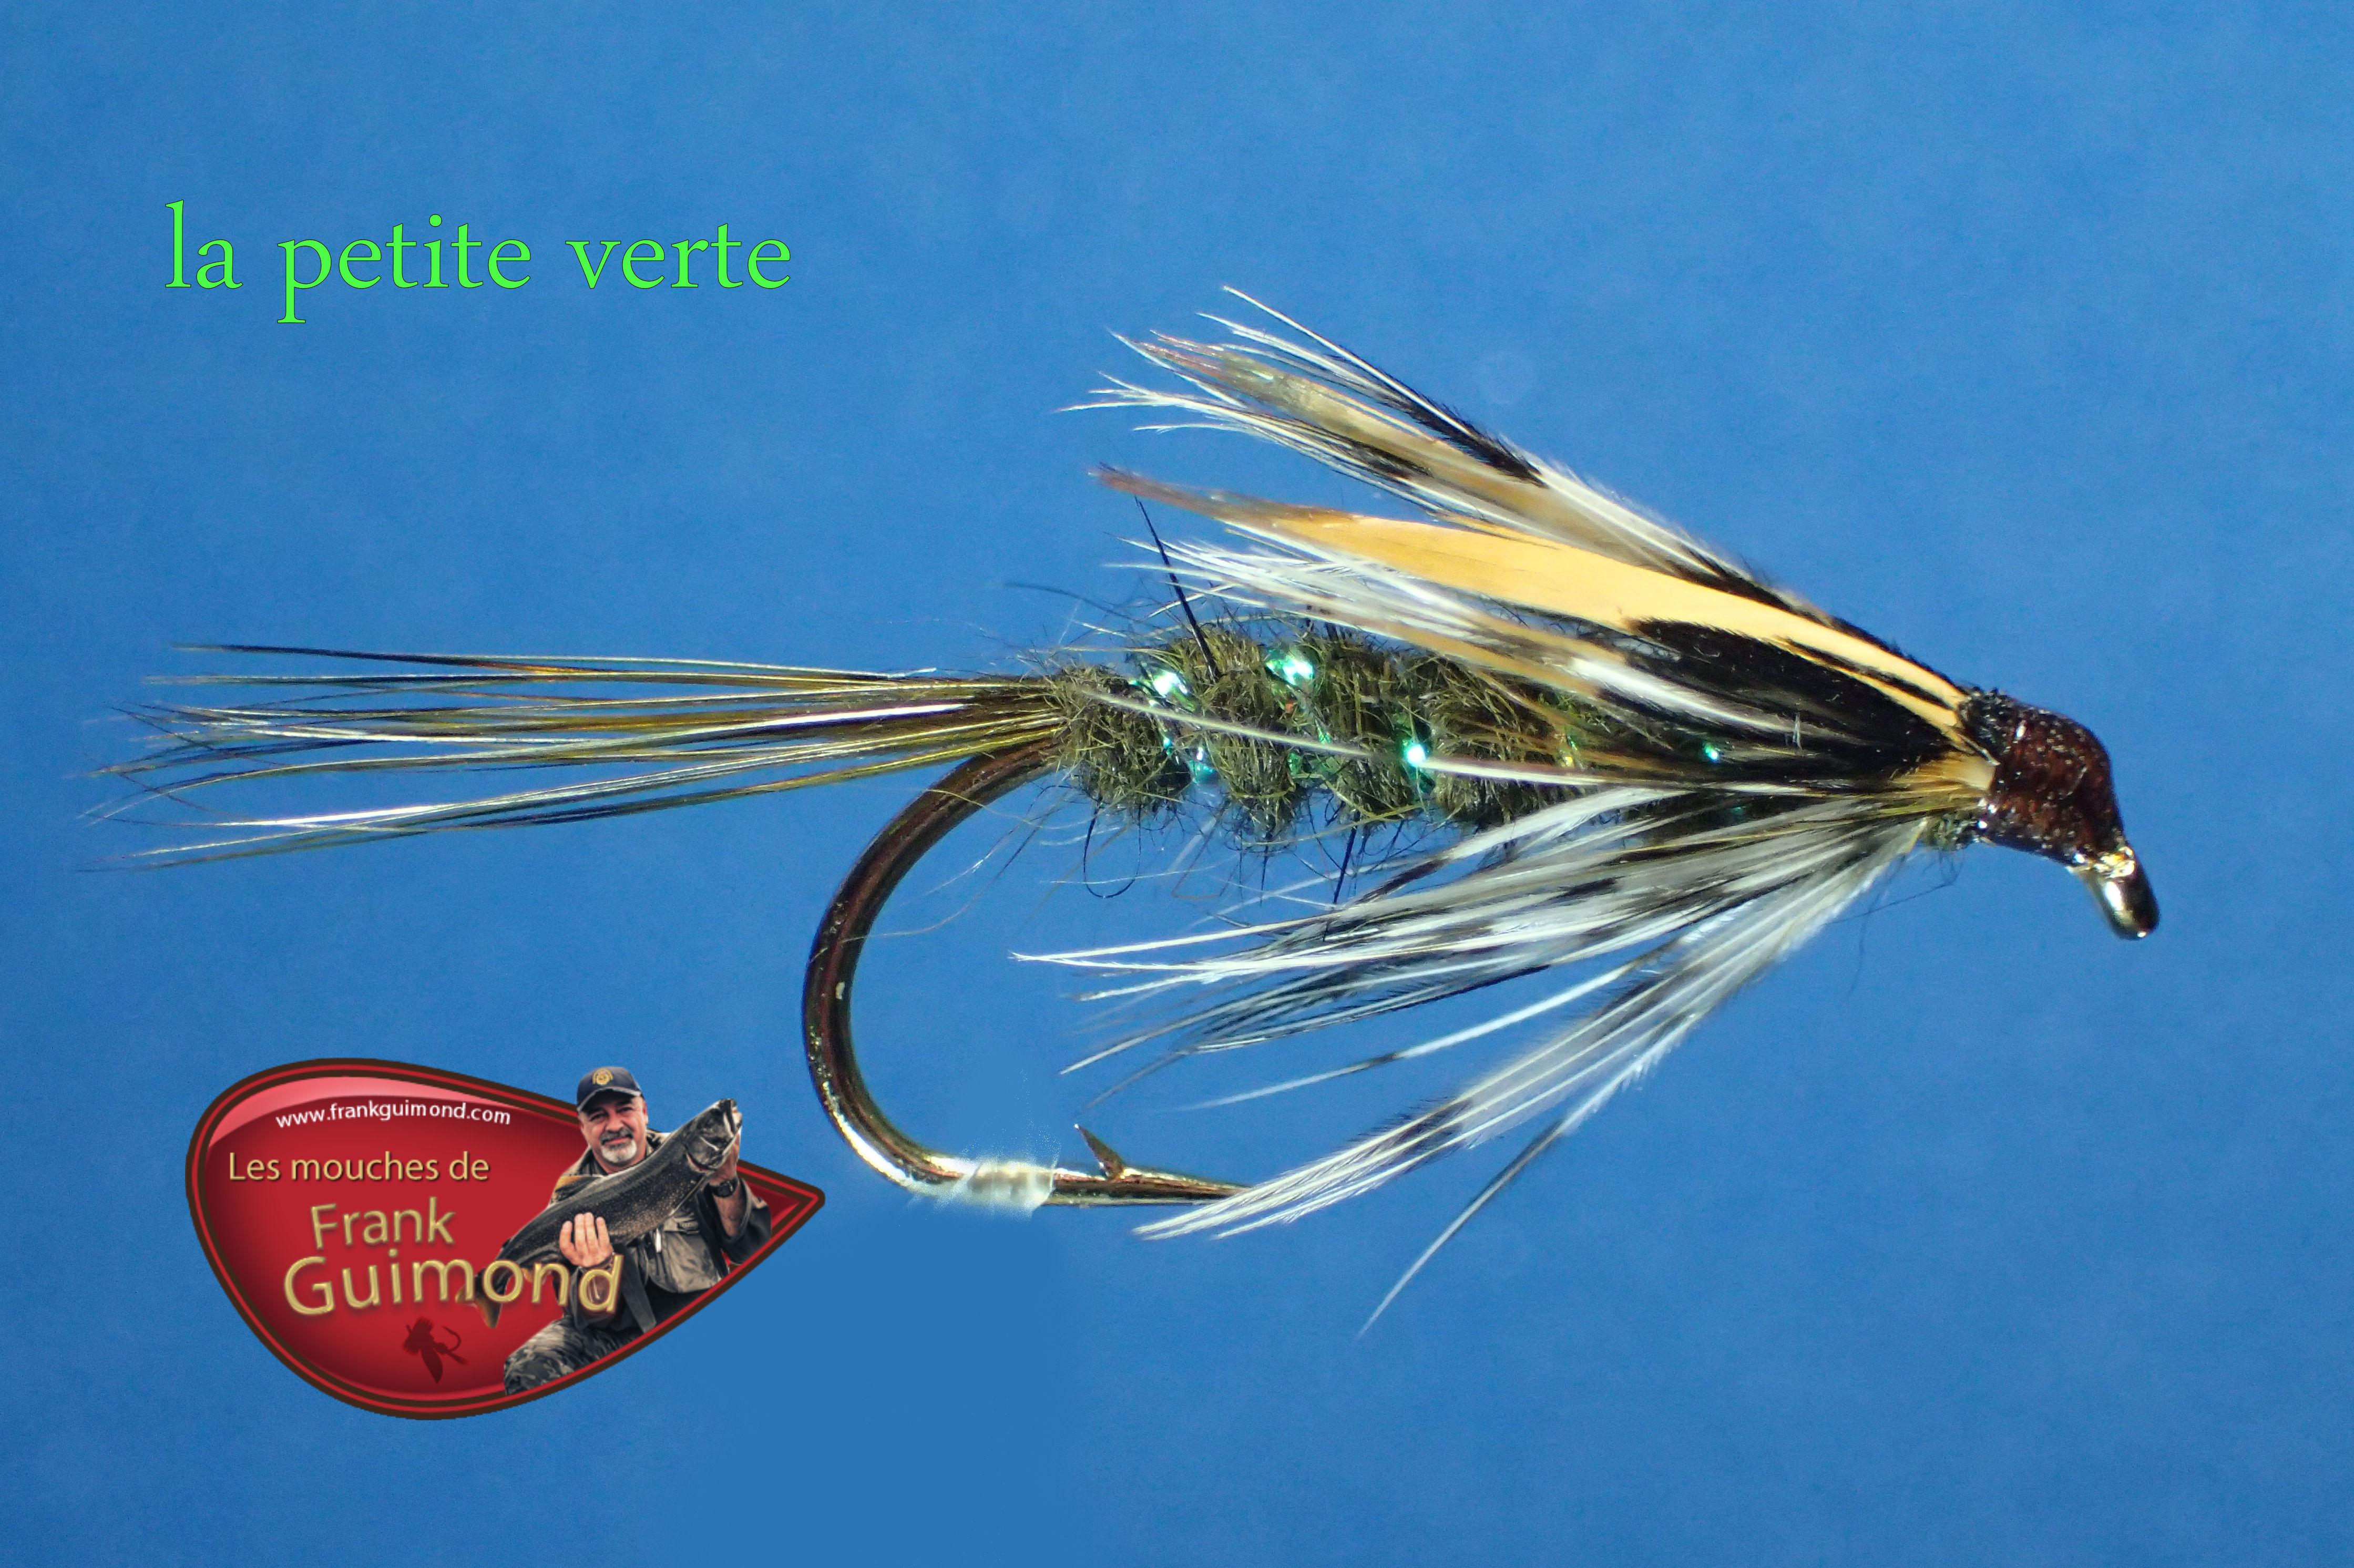 Une petite mergente les mouches de frank guimond y as d 39 la b bitte en clic - Invasion de mouches vertes ...